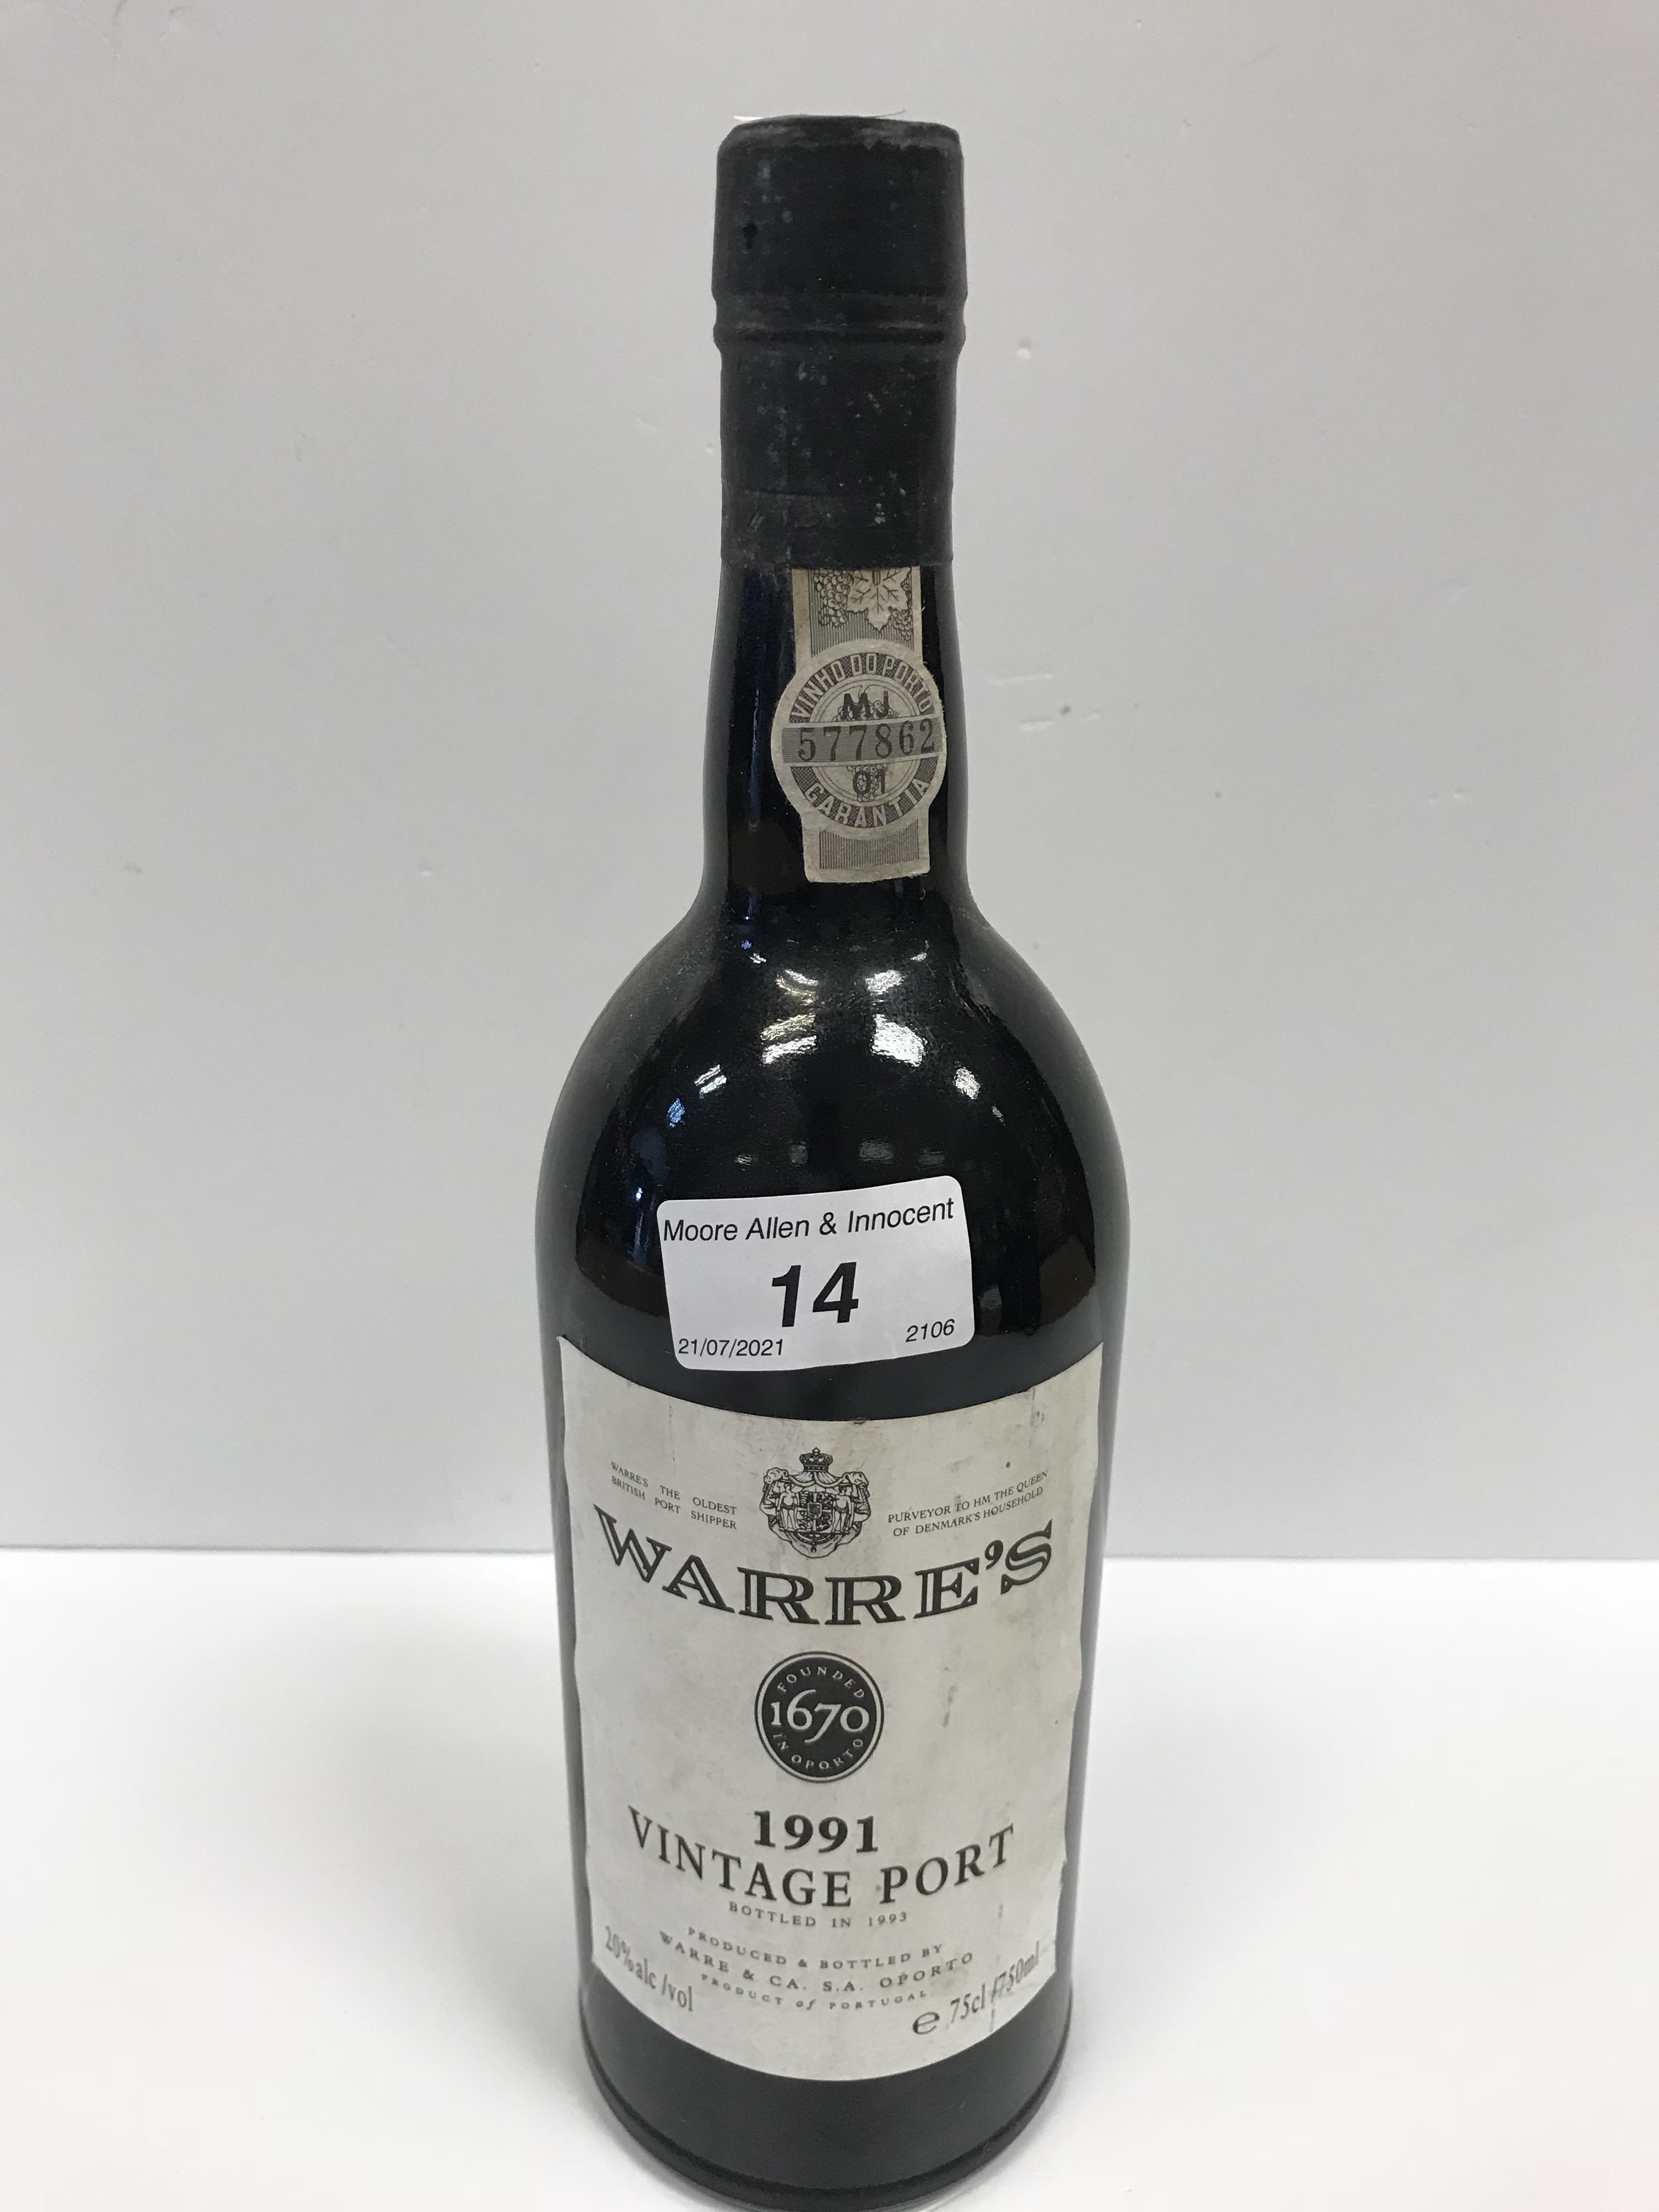 Chateau Ducru Beaucaillou Saint Julien 1995 x 1 bottle, Warre's Vintage Port 1991 x 1 bottle,